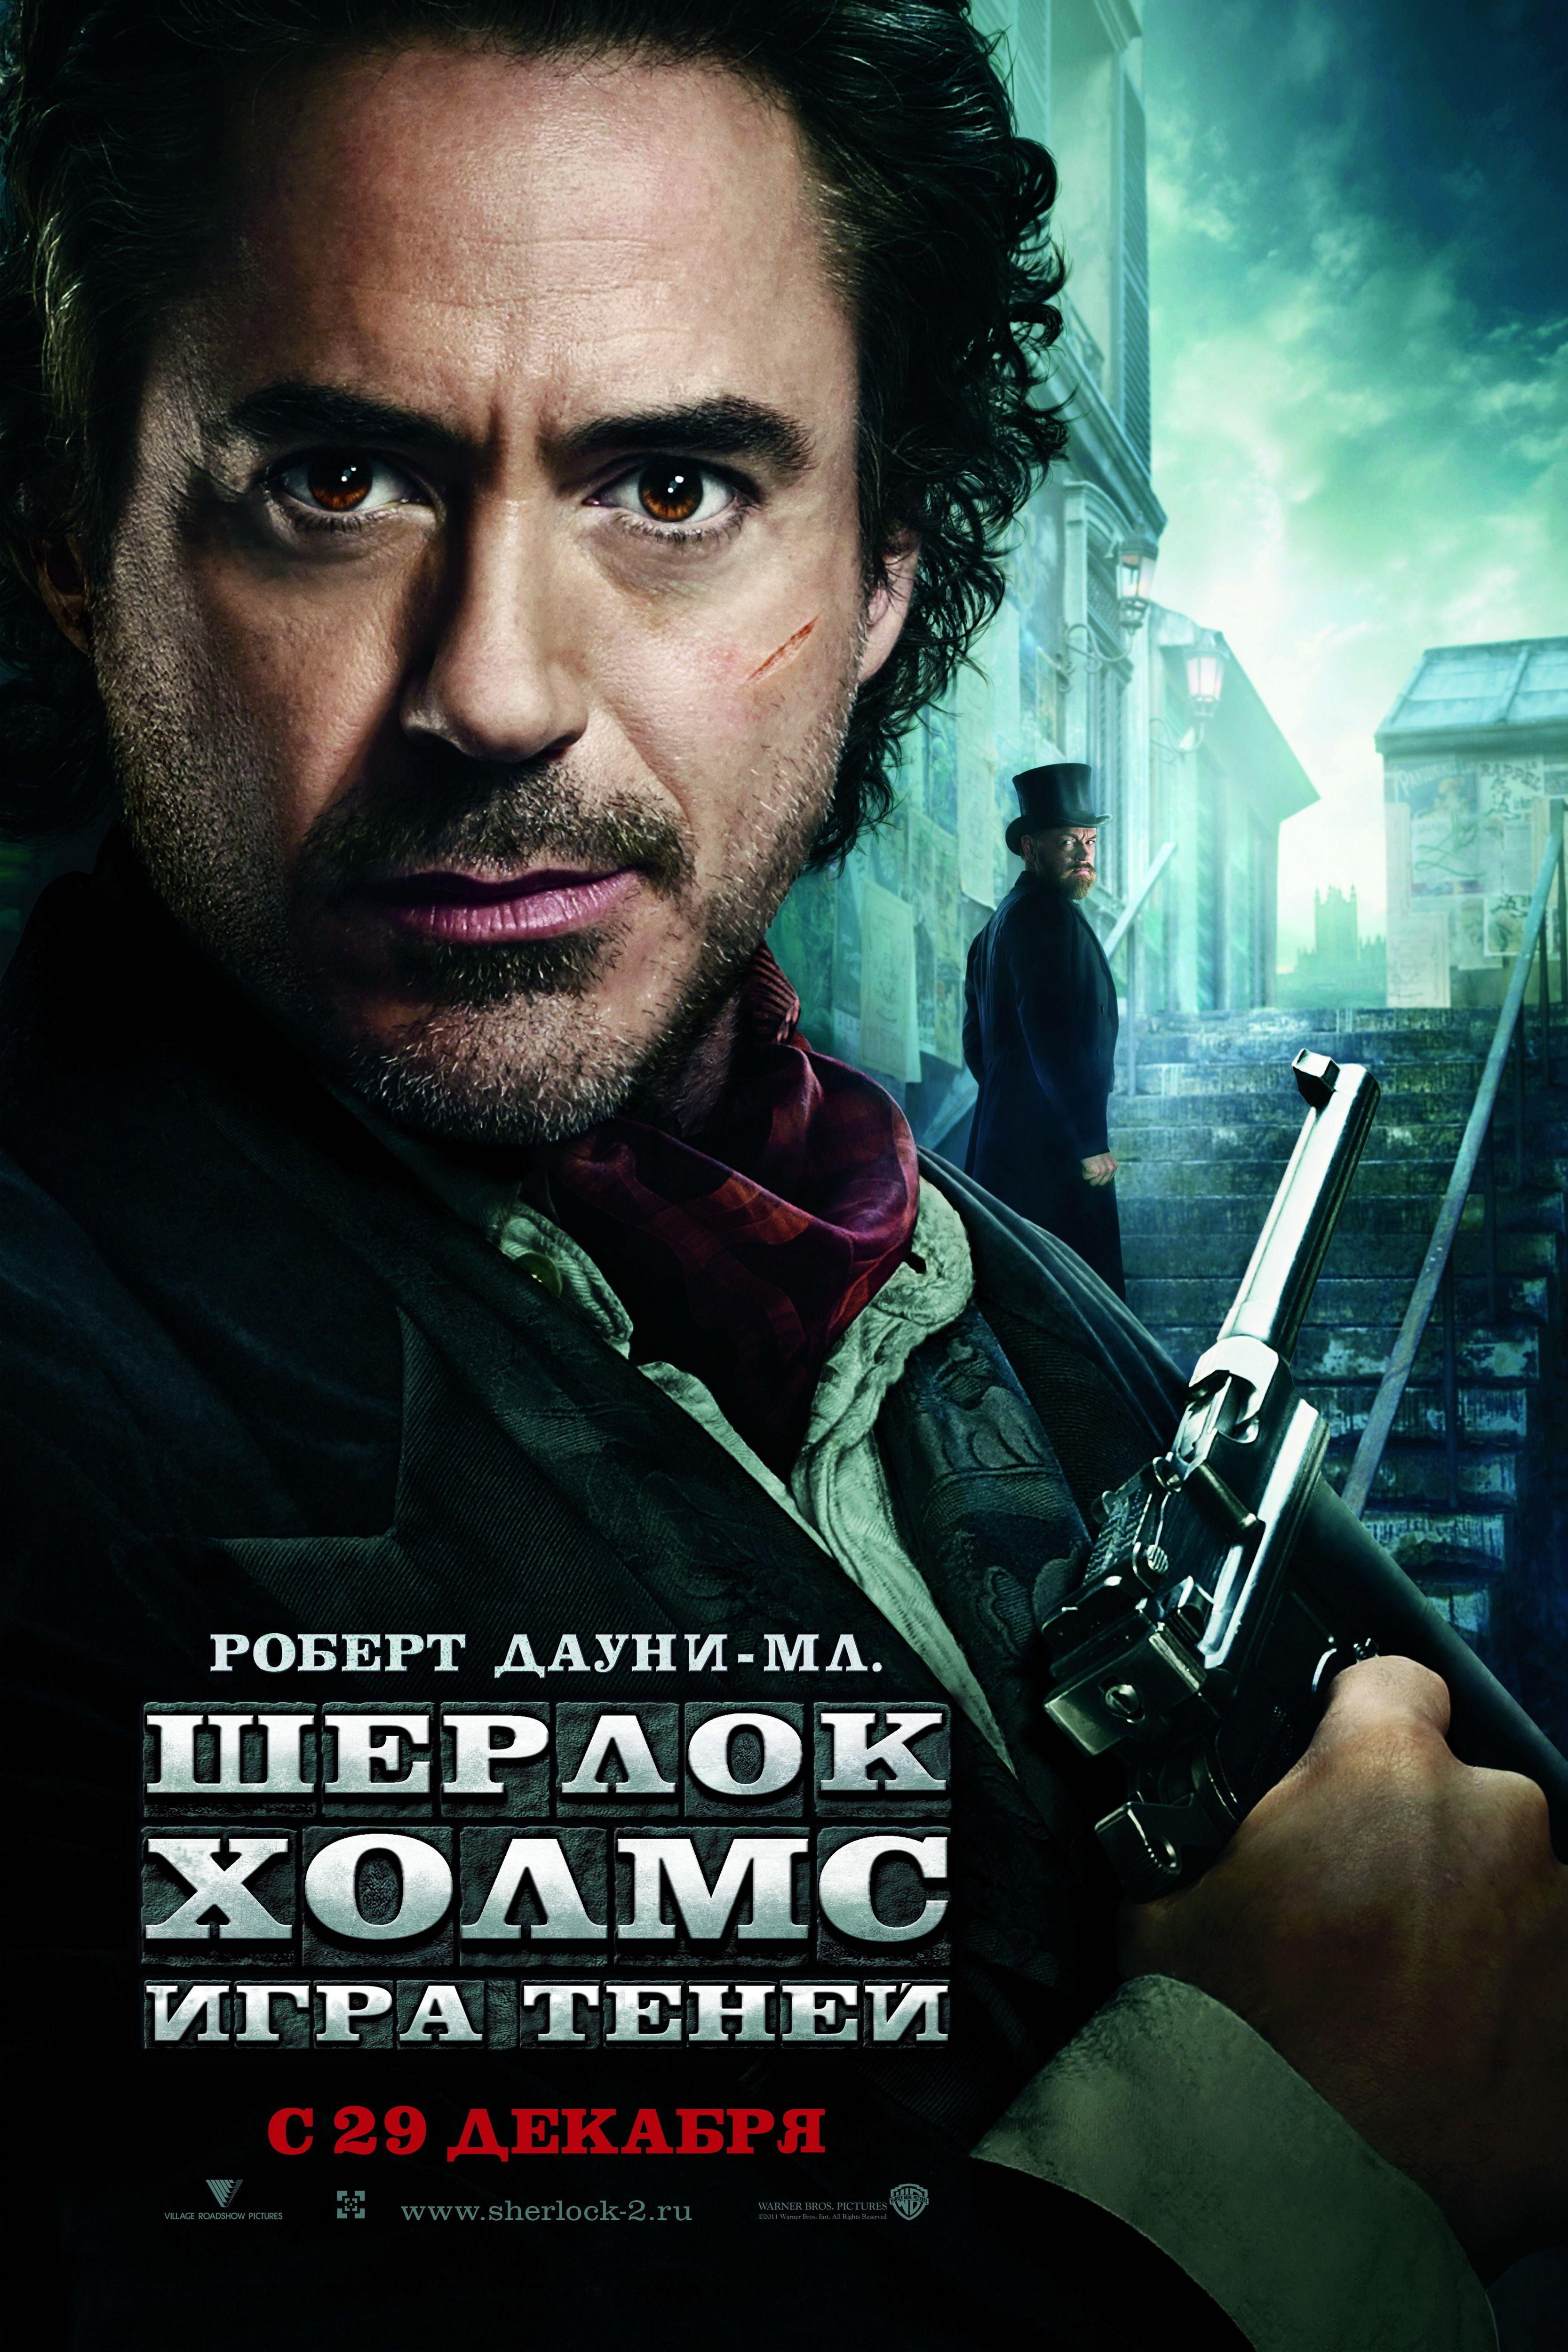 плакат фильма характер-постер локализованные Шерлок Холмс: Игра теней